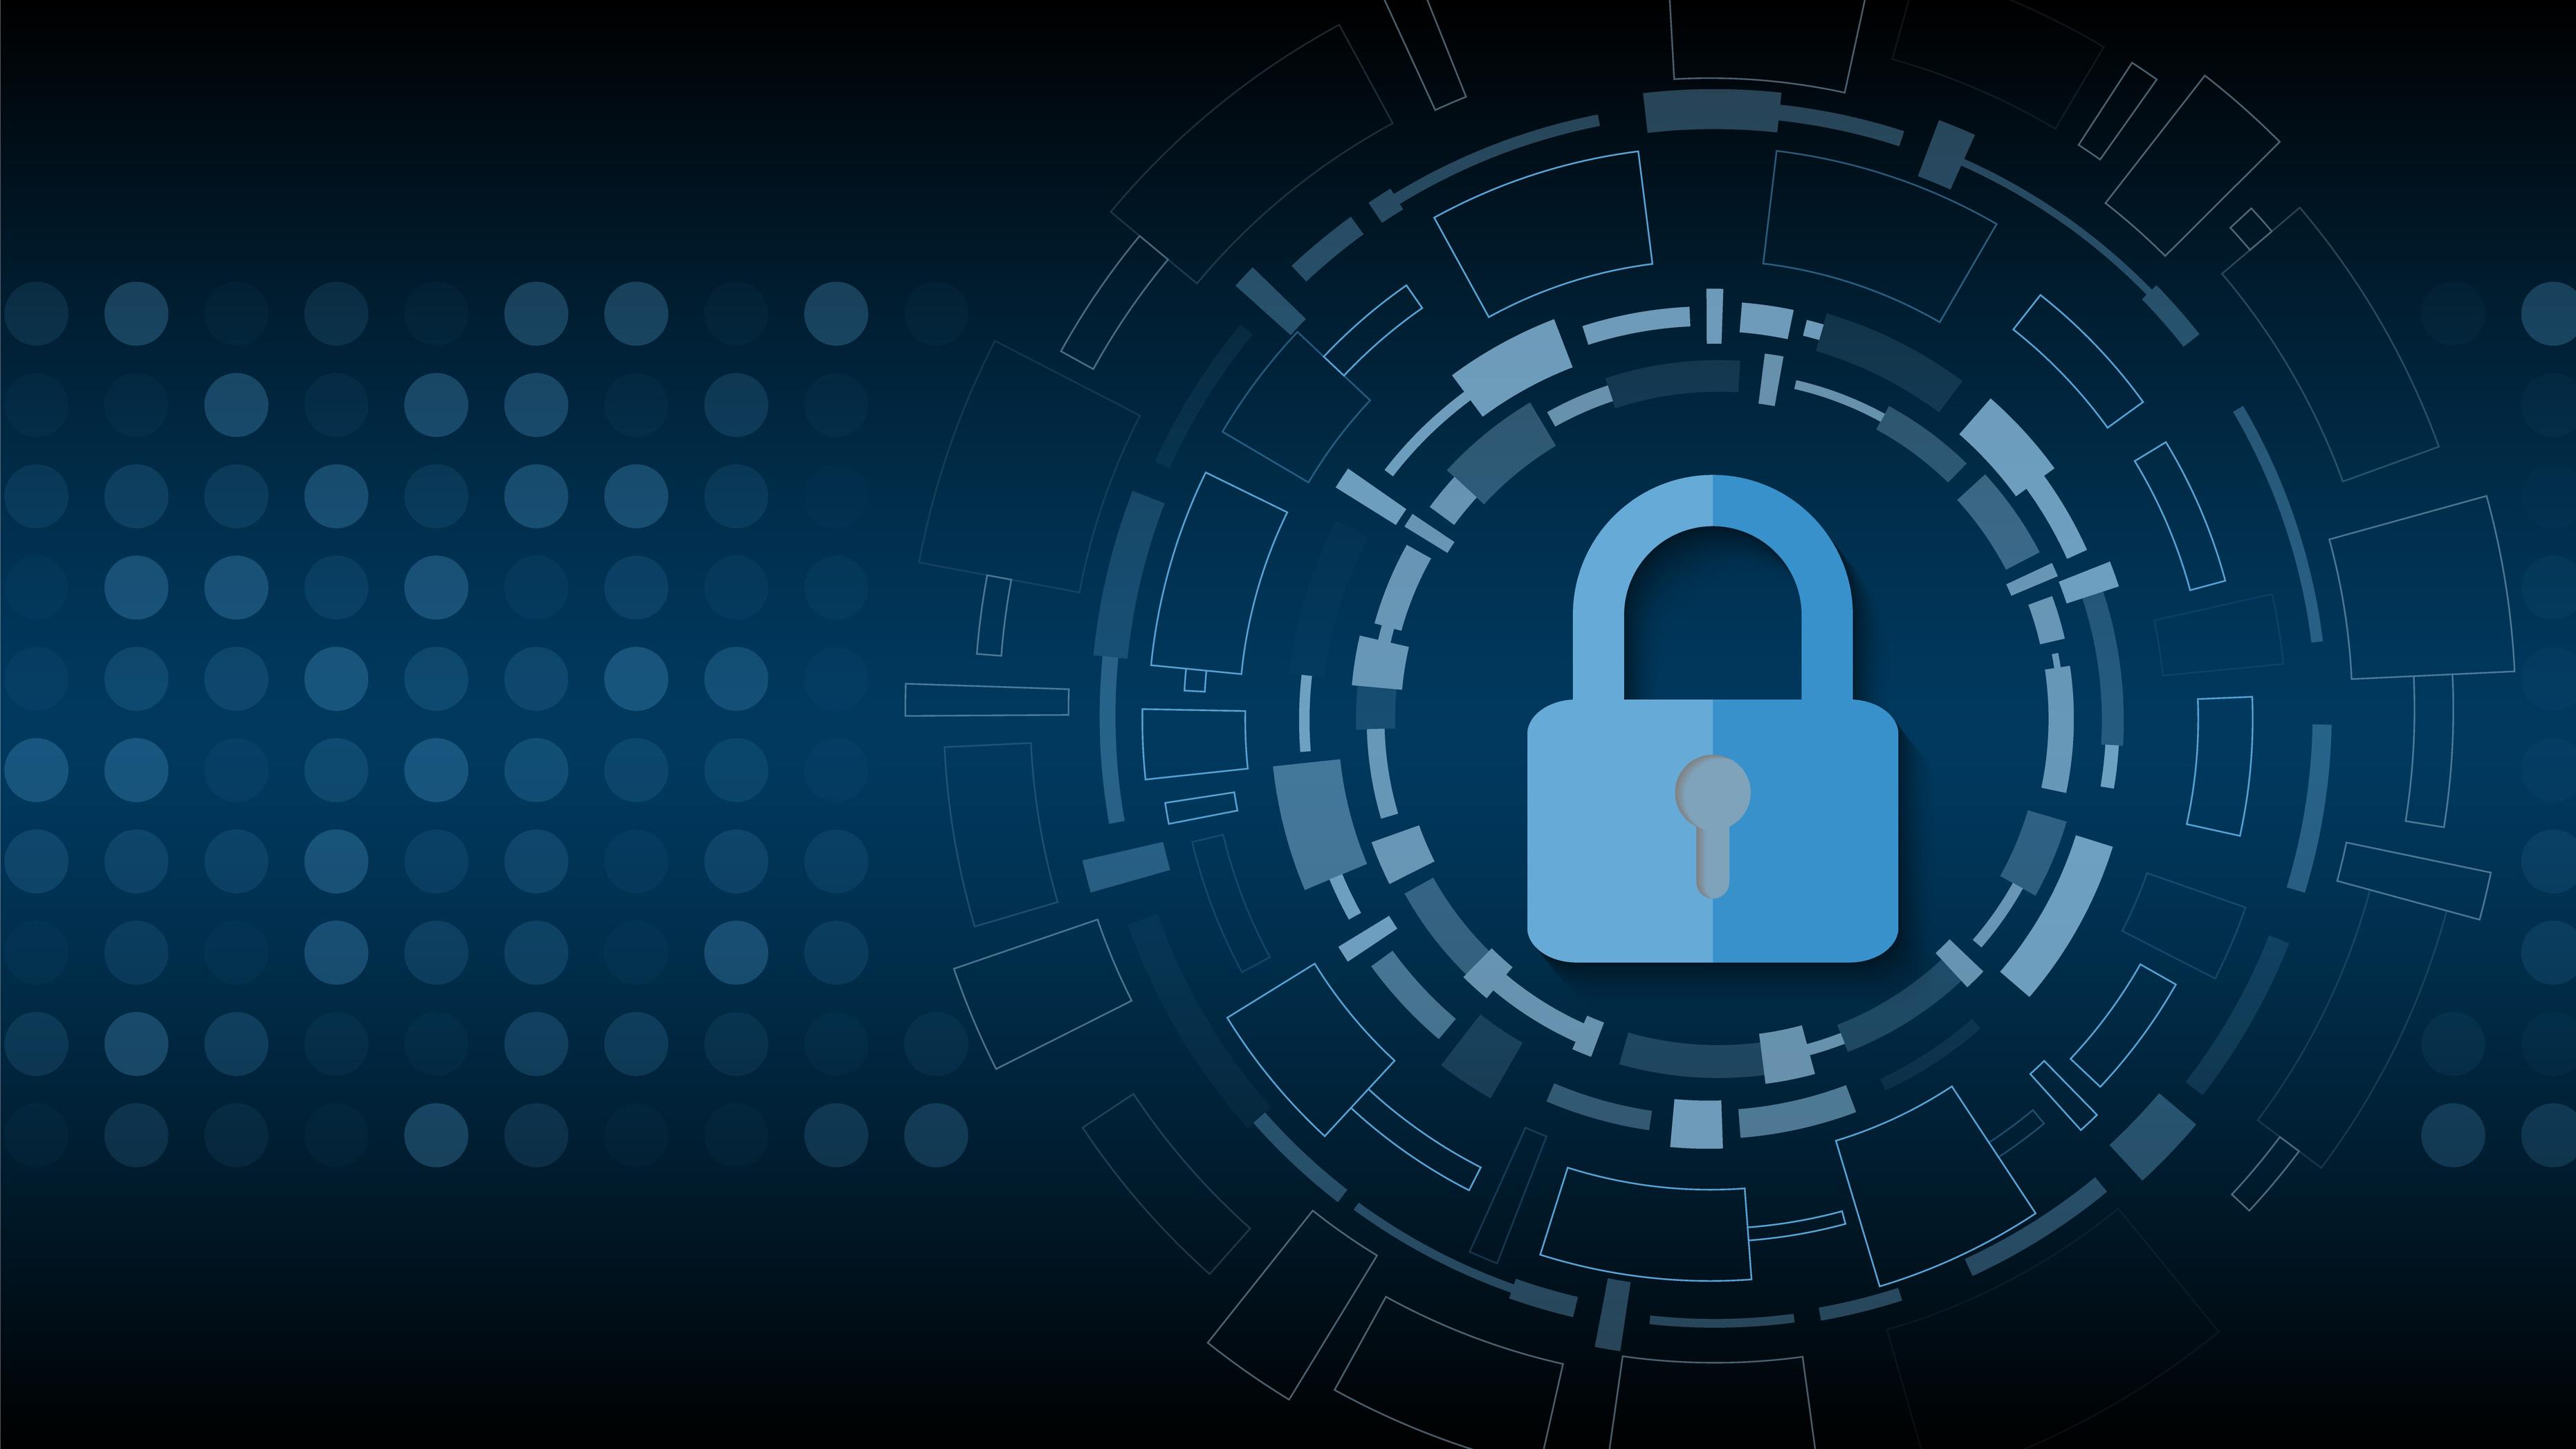 Cyber security, quanto spendono le aziende italiane?